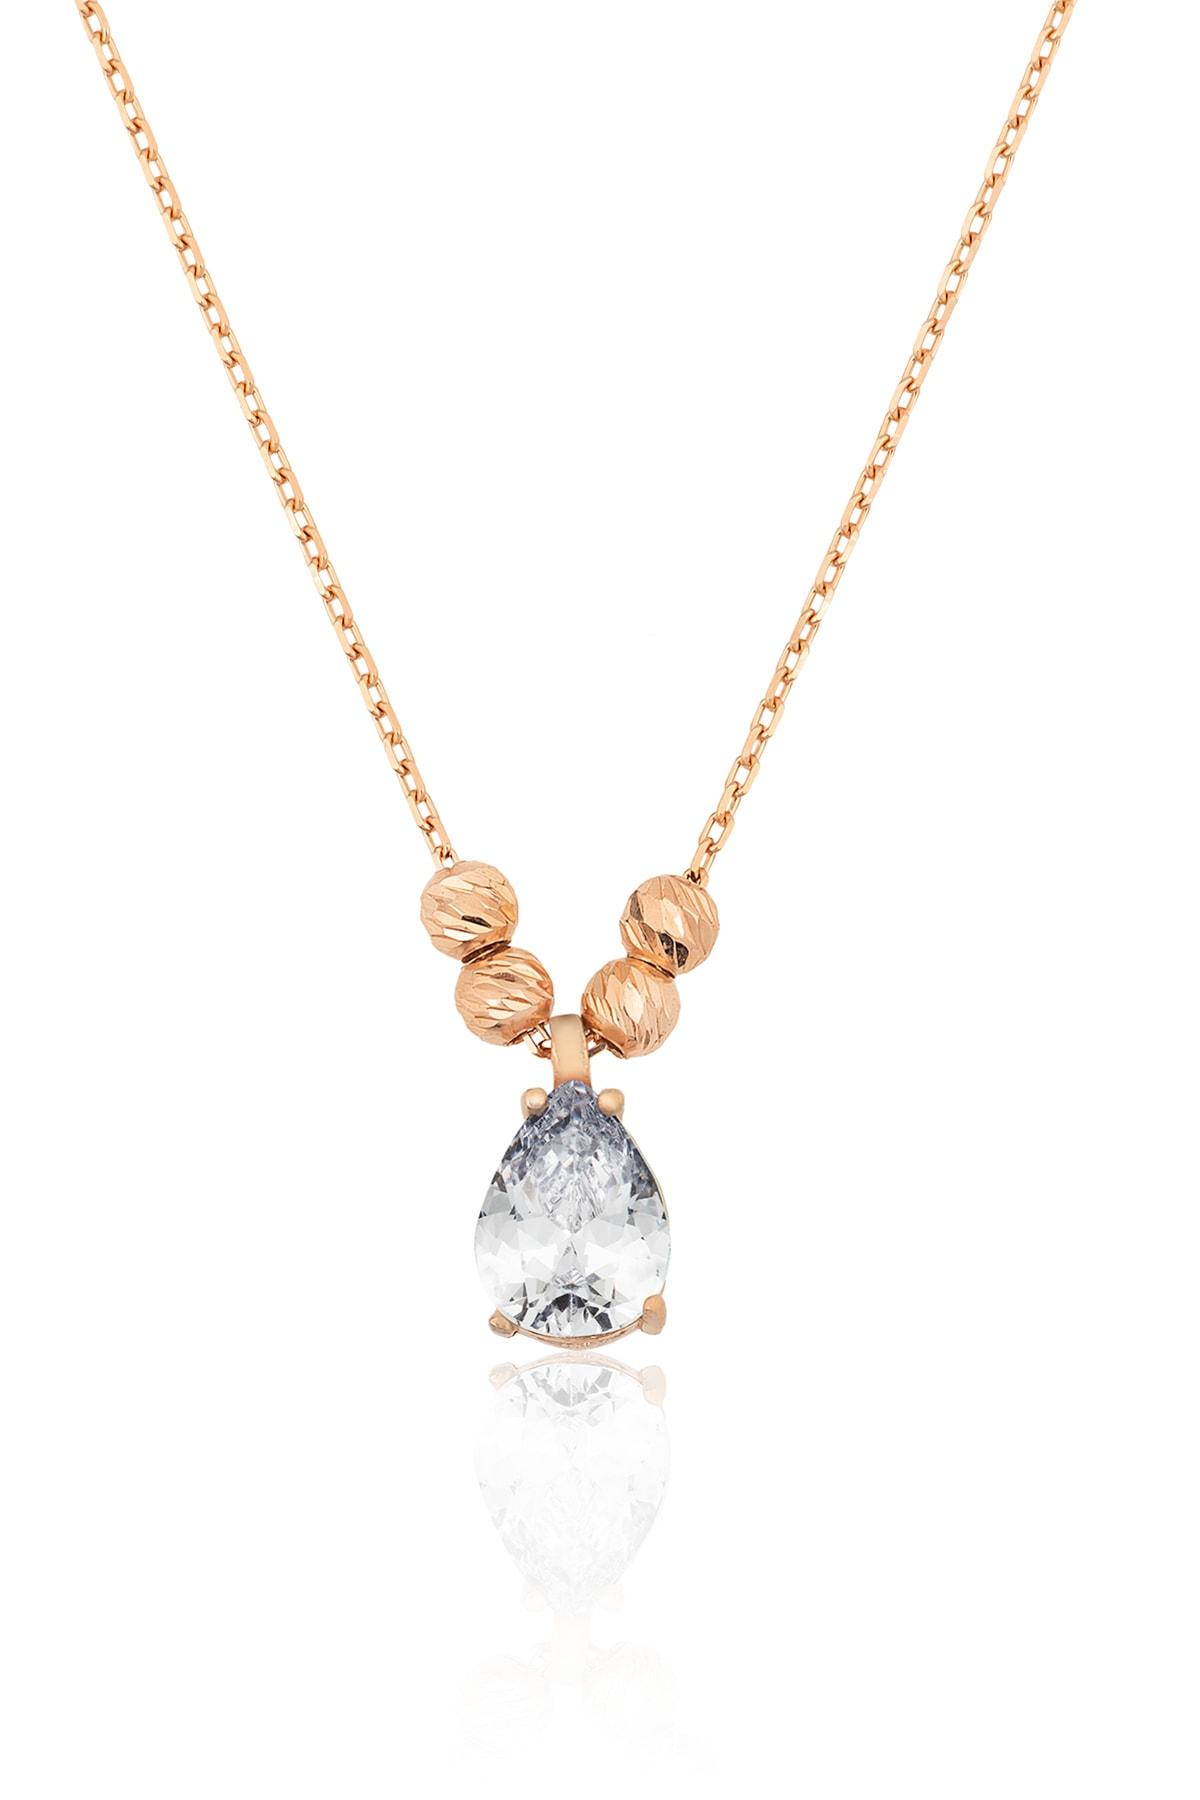 Nano Zirkon Damla Kolye Kenarları Çift Dorica Toplu Rose Altın Kaplama 925 Ayar Gümüş